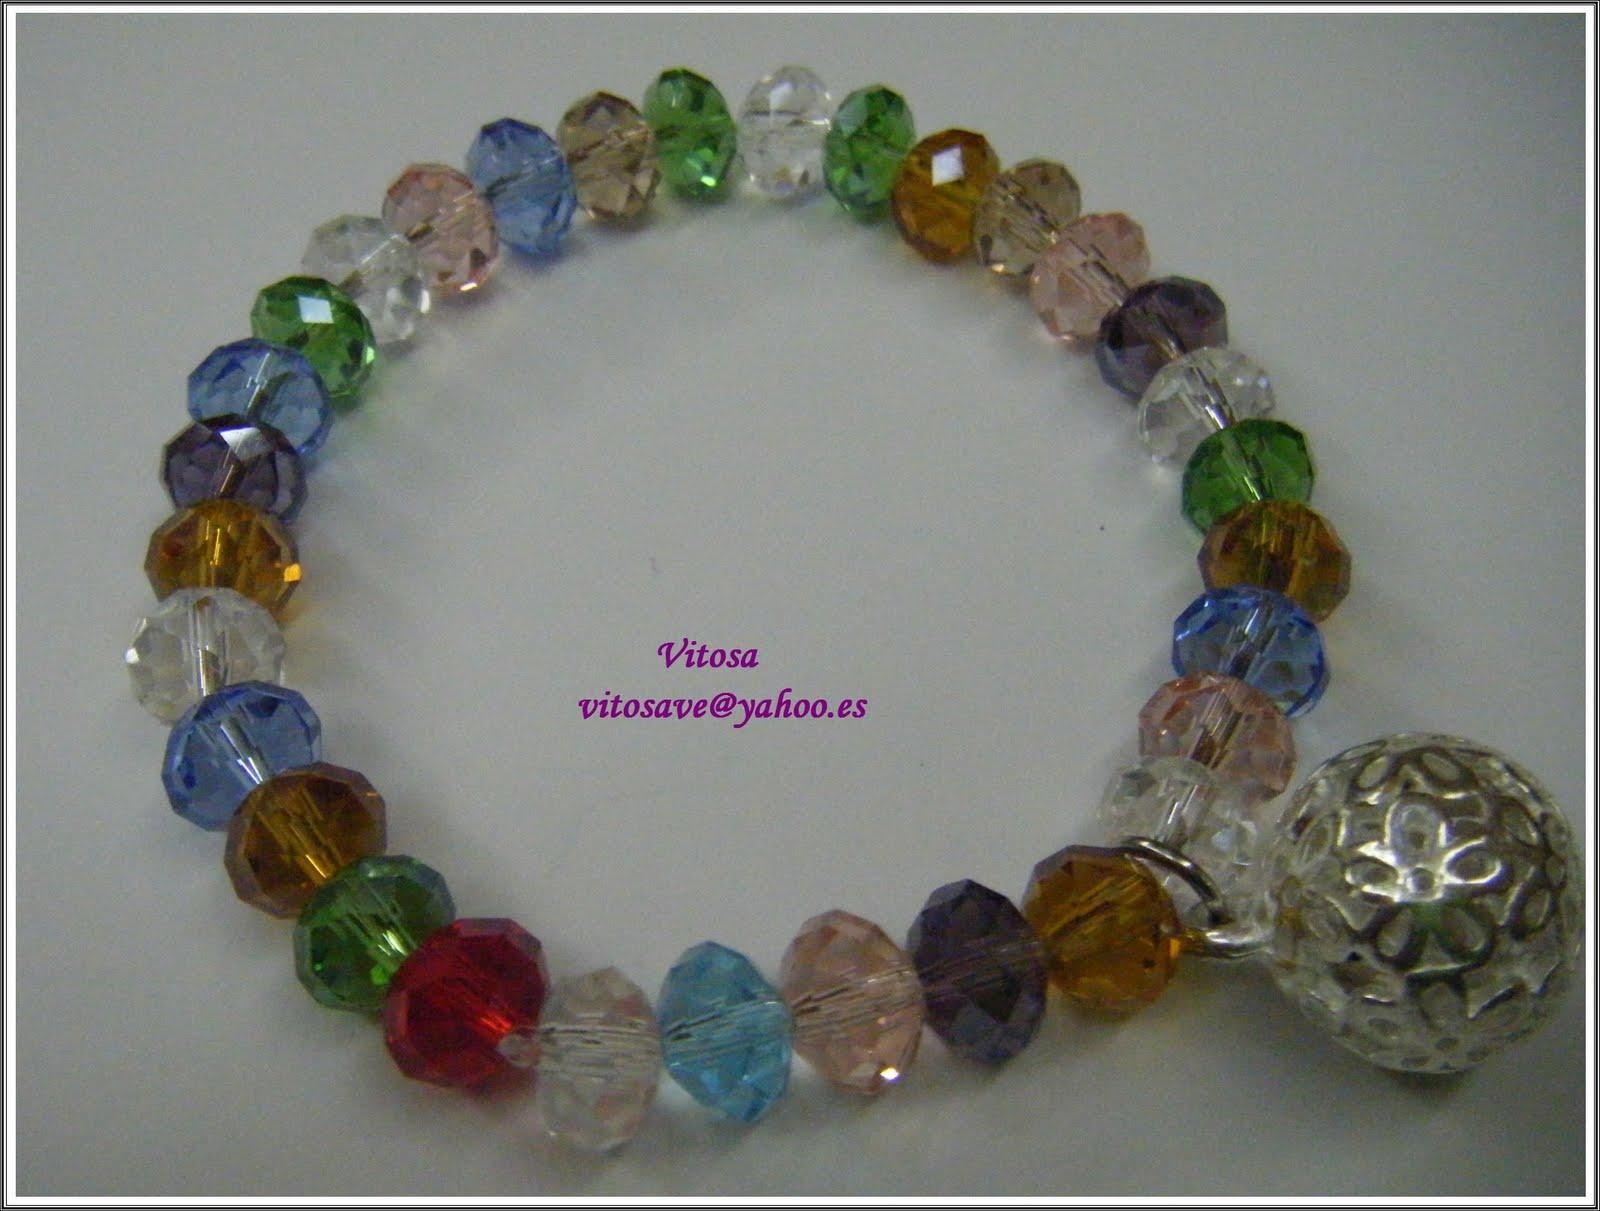 Pulsera Piedras Facetadas Distinta gama de color de 6 Mm. Con La llamada de los Ángeles. Una antigua leyenda céltica dice, que al sonar las campanas de la